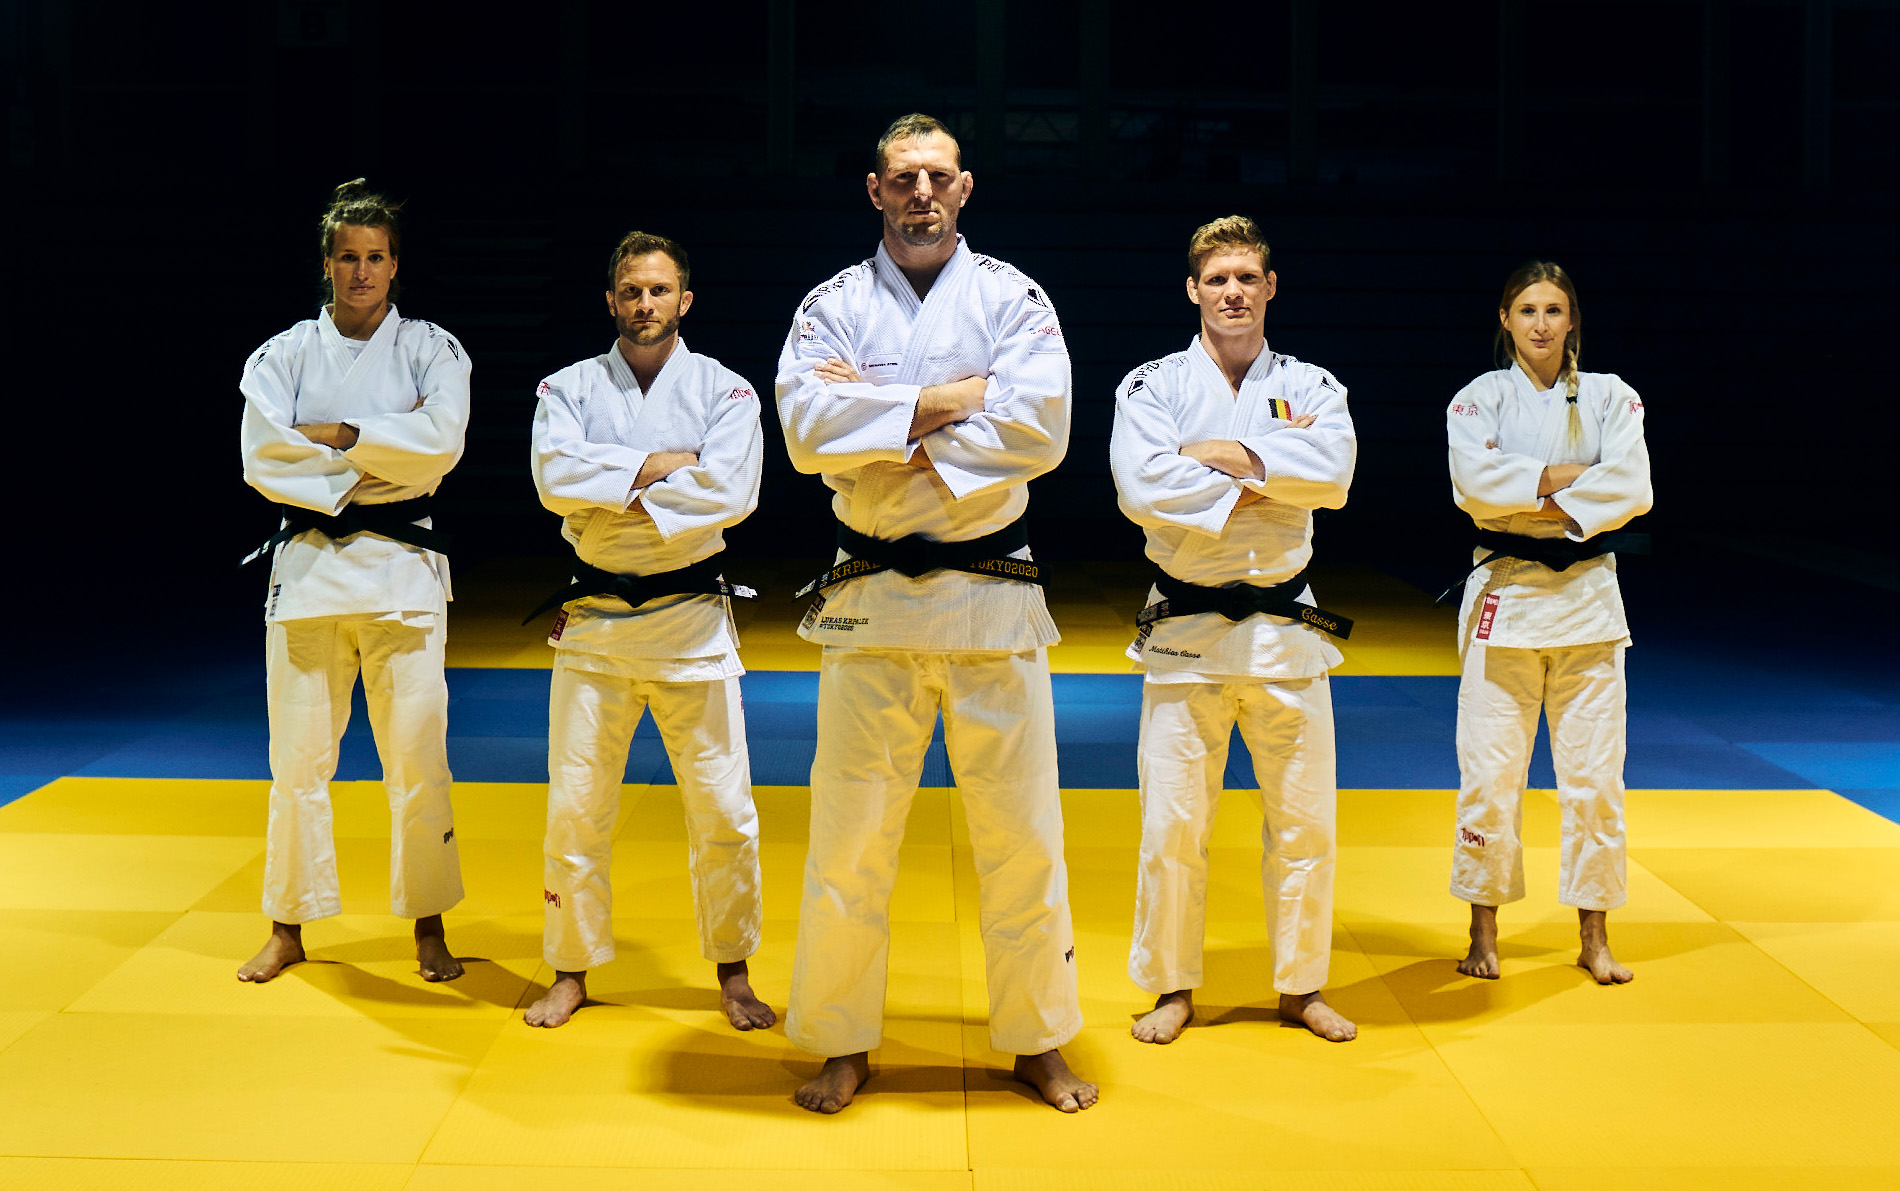 2021_Judo_Olypmics_Team_Ippon_Gear_1_Zuschnitt